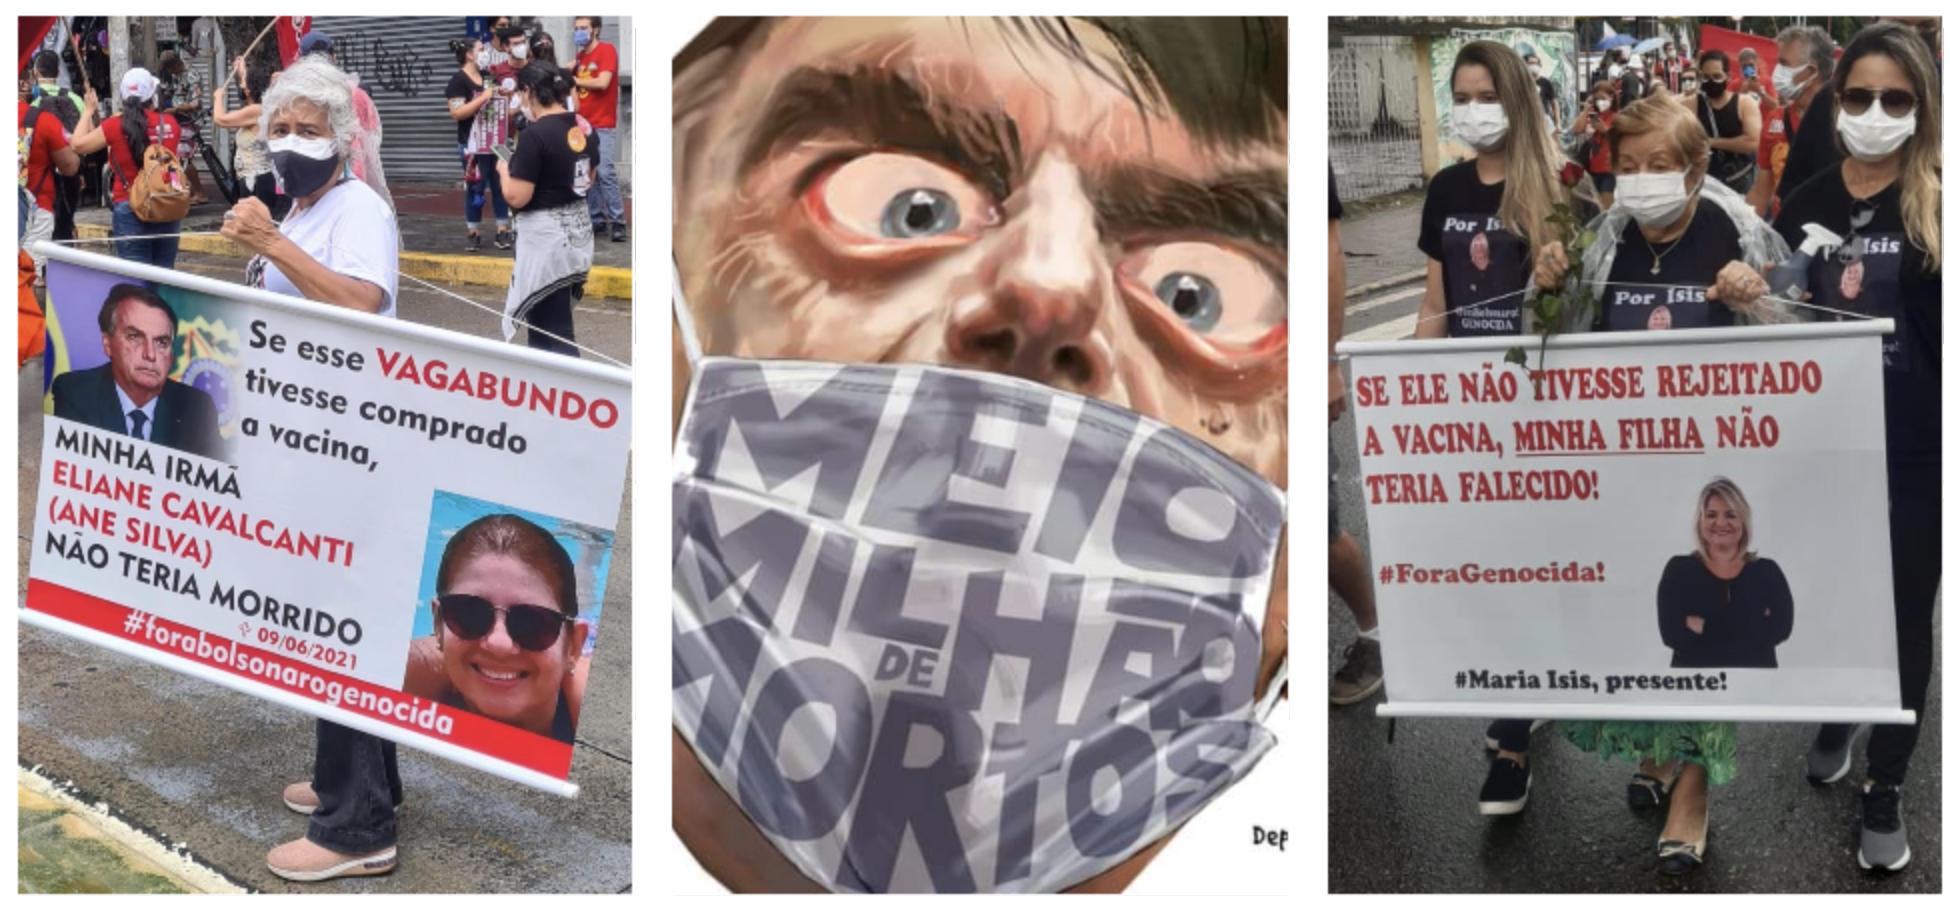 Brasil atinge 500 mil mortos por covid e parentes protestam contra Bolsonaro nas ruas; vídeos